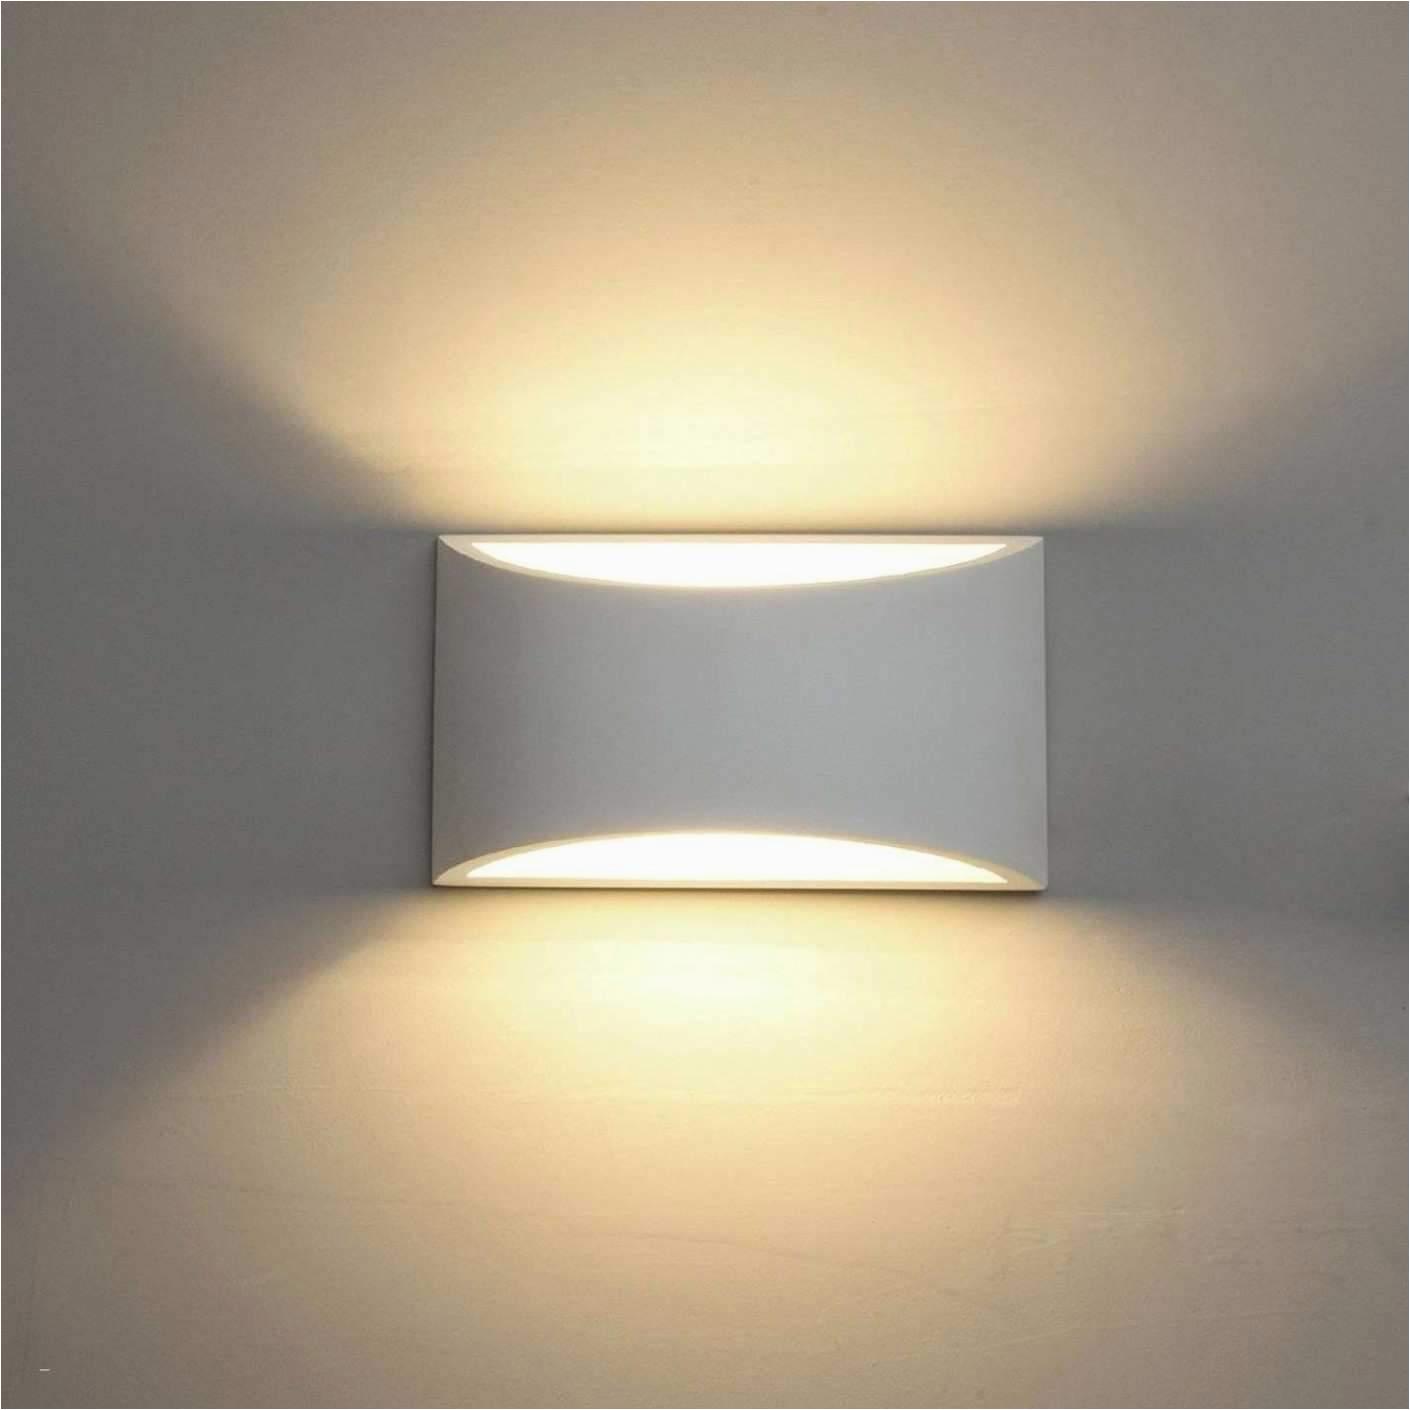 led lampen wohnzimmer das beste von led lampen wohnzimmer genial deckenlampe schlafzimmer 0d of led lampen wohnzimmer